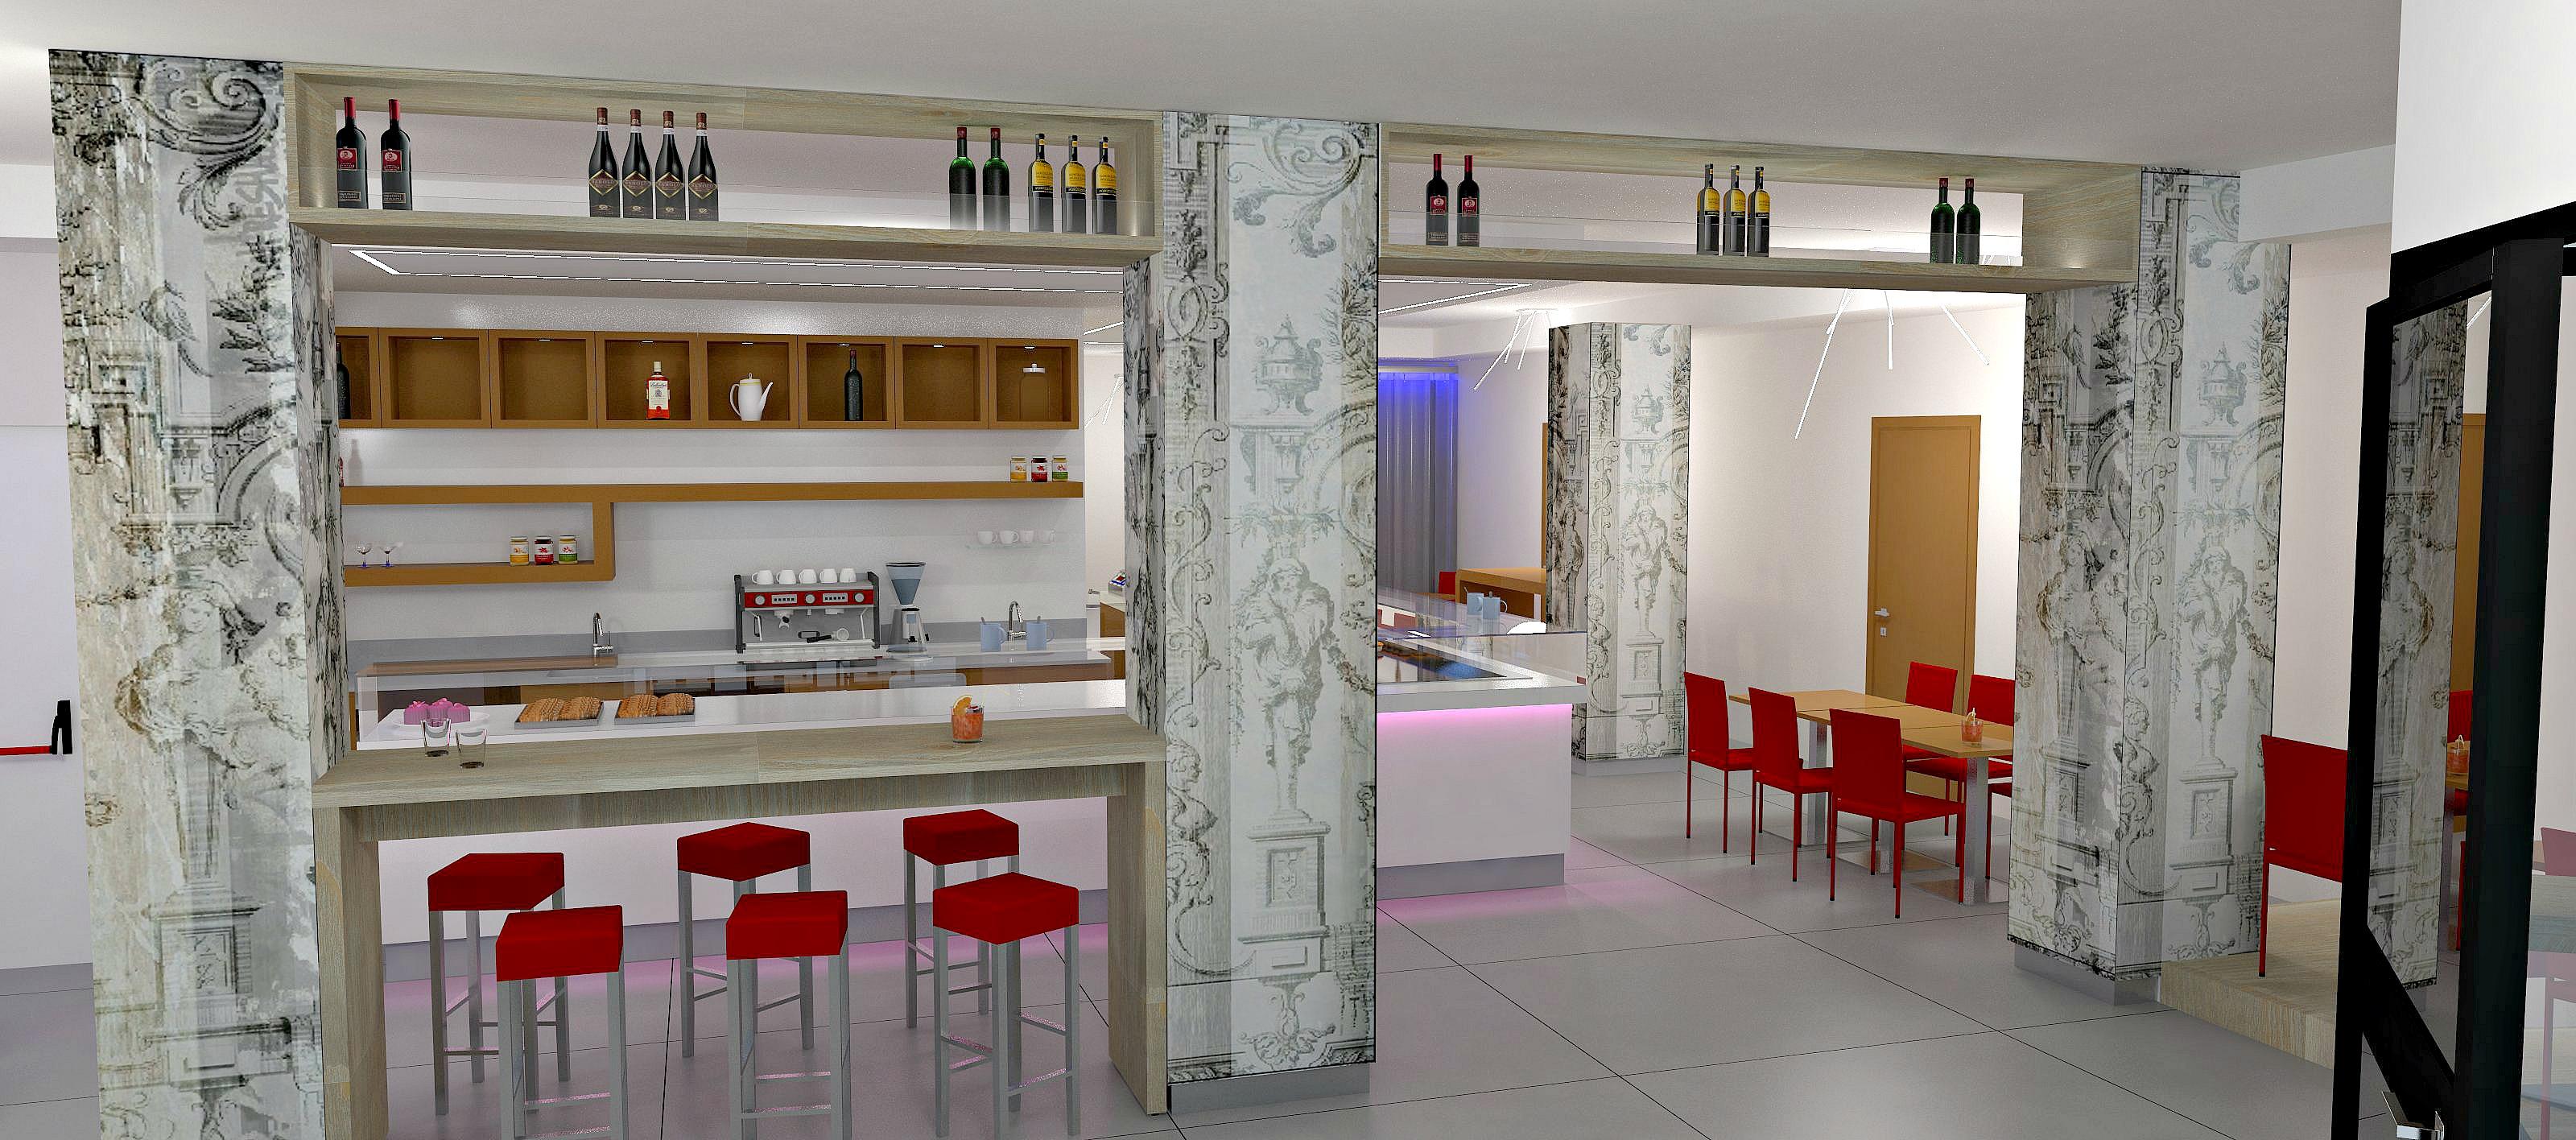 Immagine di un progetto preliminare per l'arredamento della Caffetteria Panificio Good Morning a Lissone, Brescia